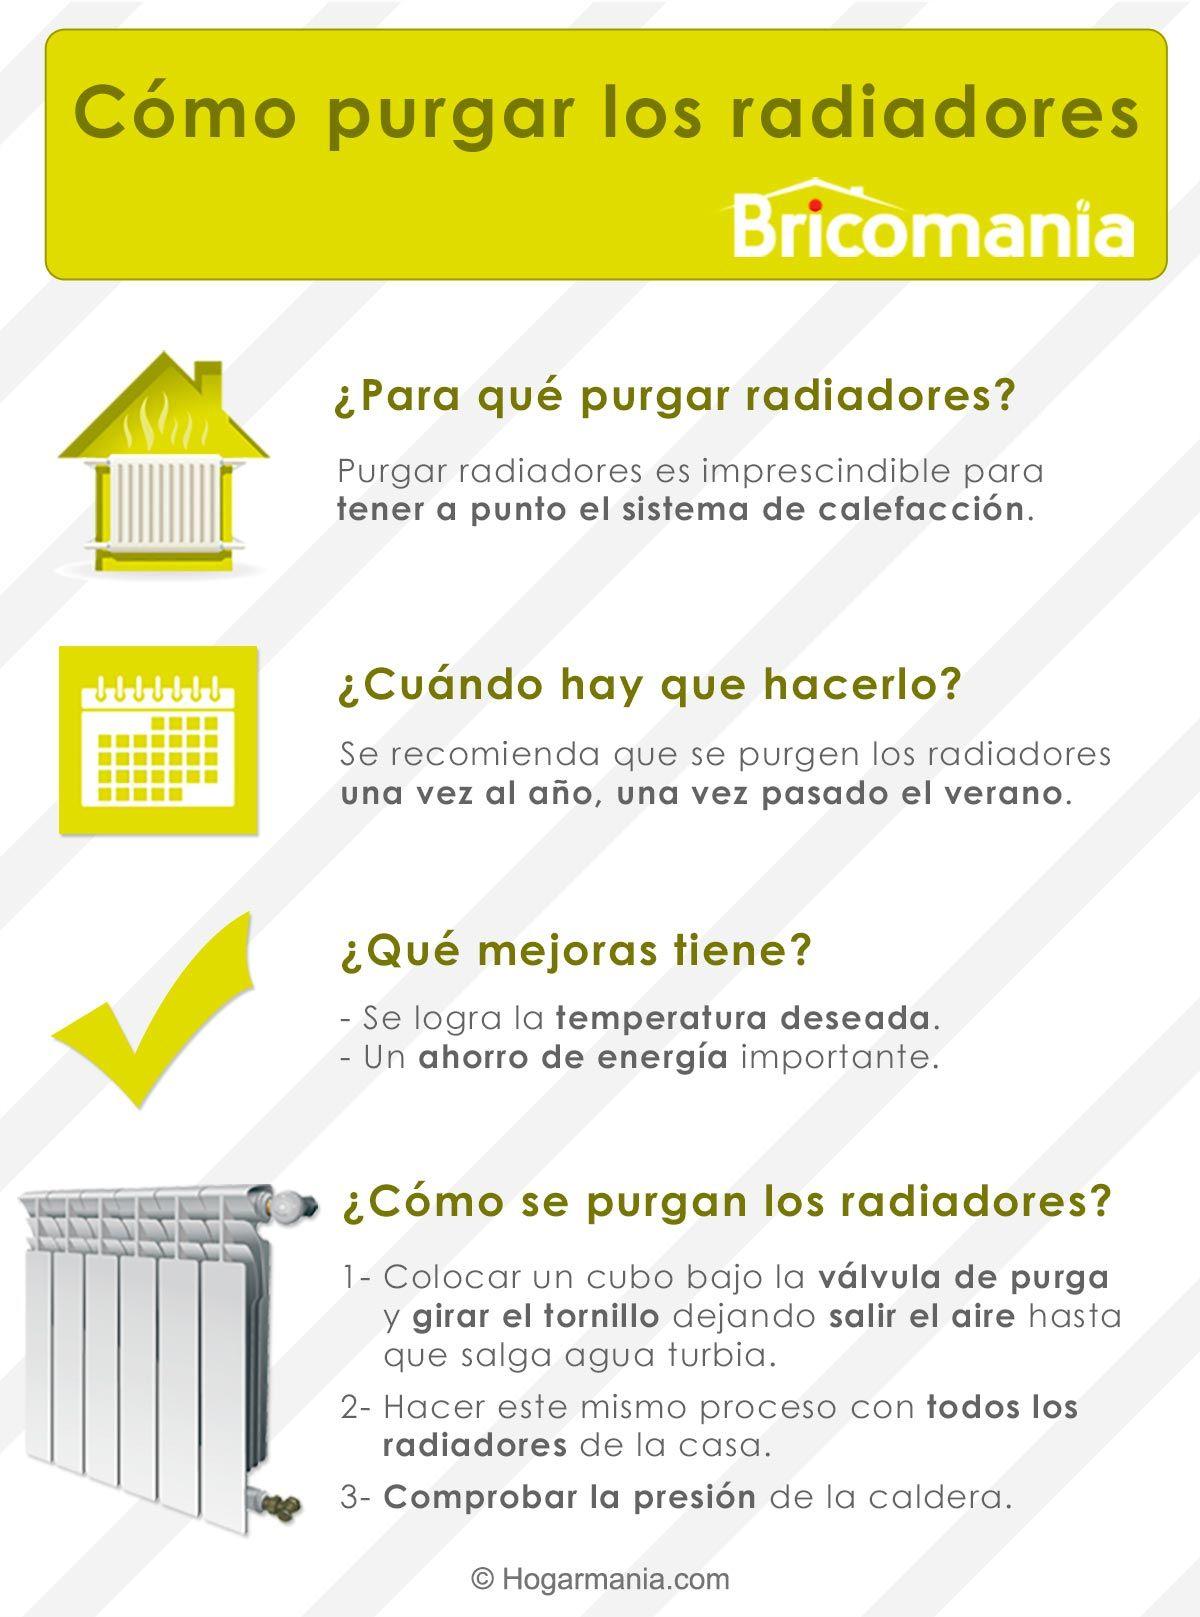 Infografía cómo purgar radiadores